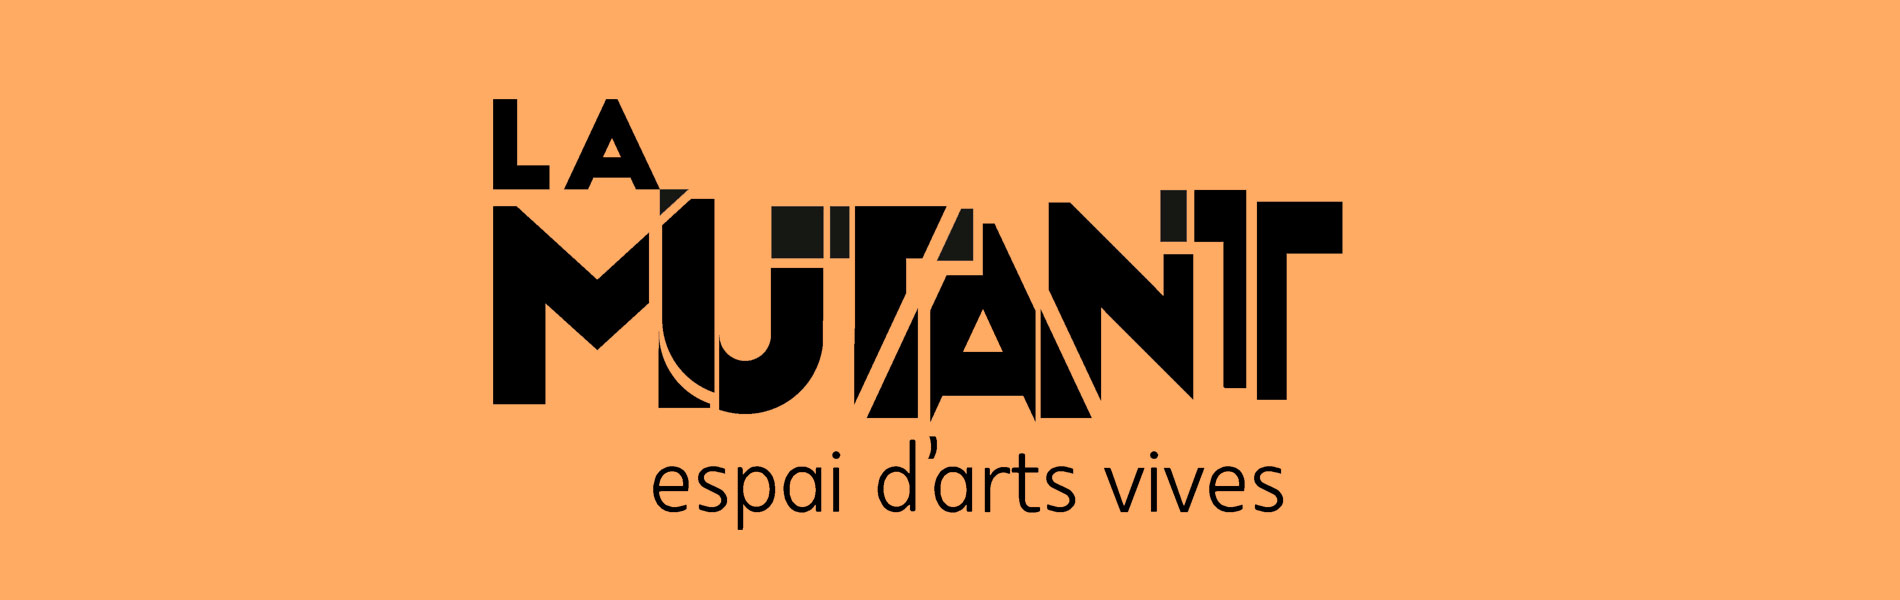 slider la mutant